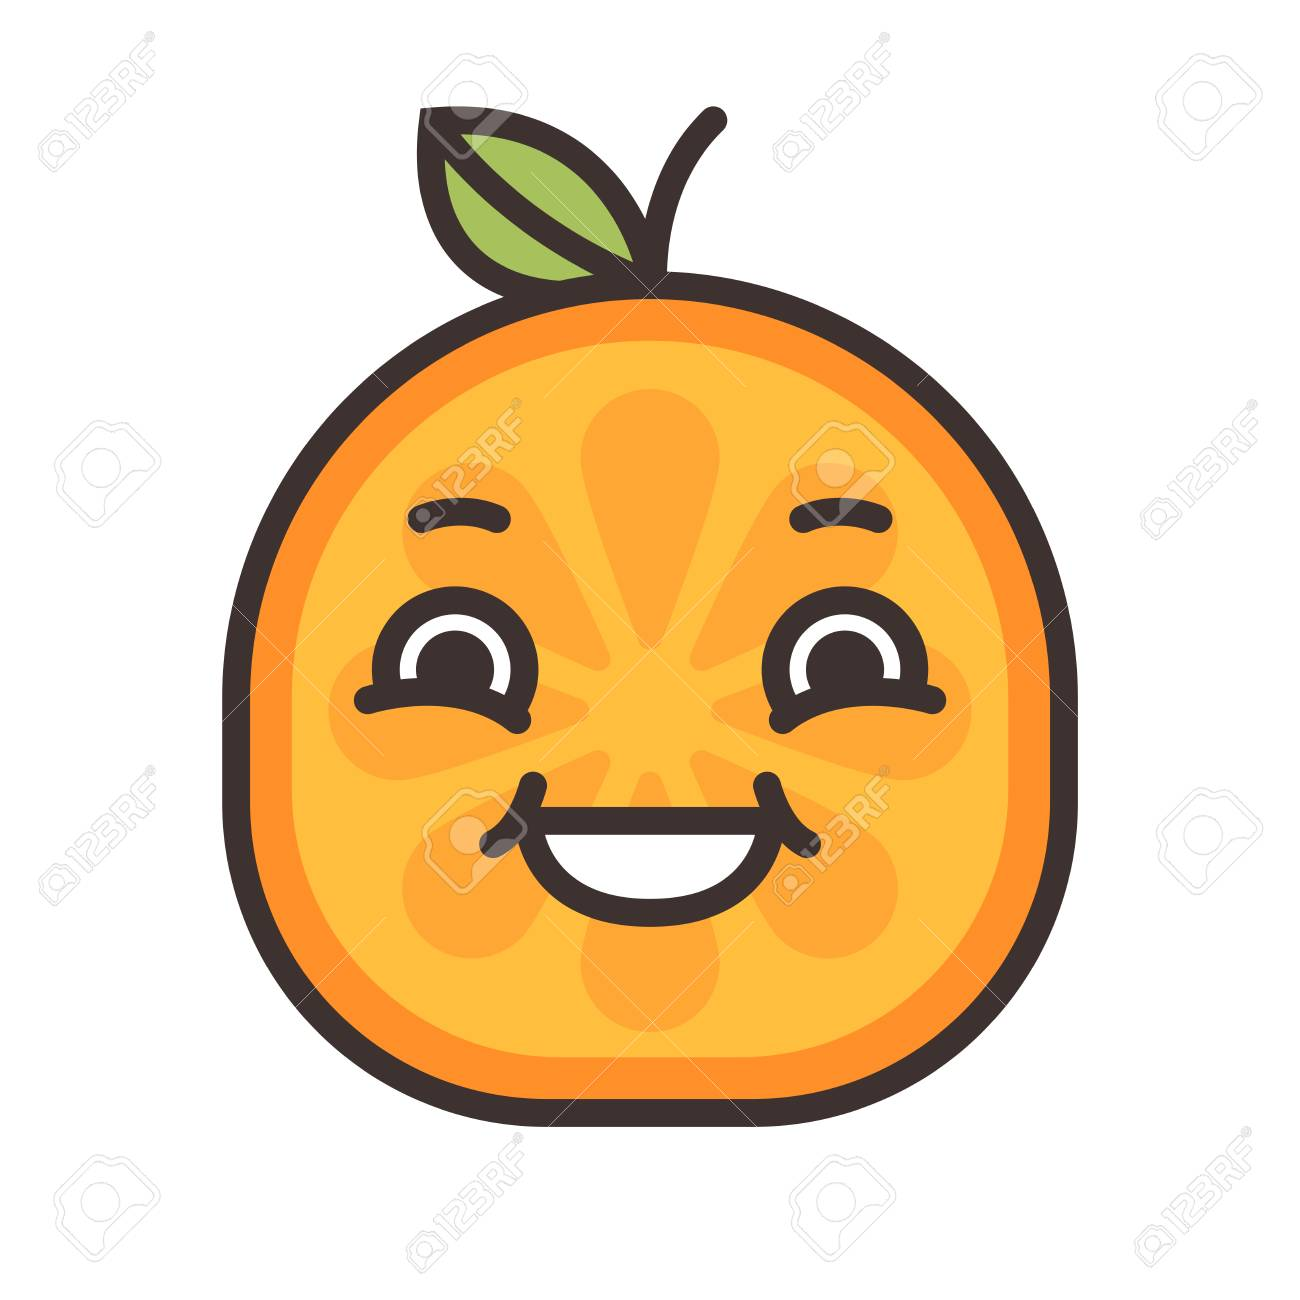 Riegue Emoji Emoji De Naranja Risa Icono De Diseño Plano De